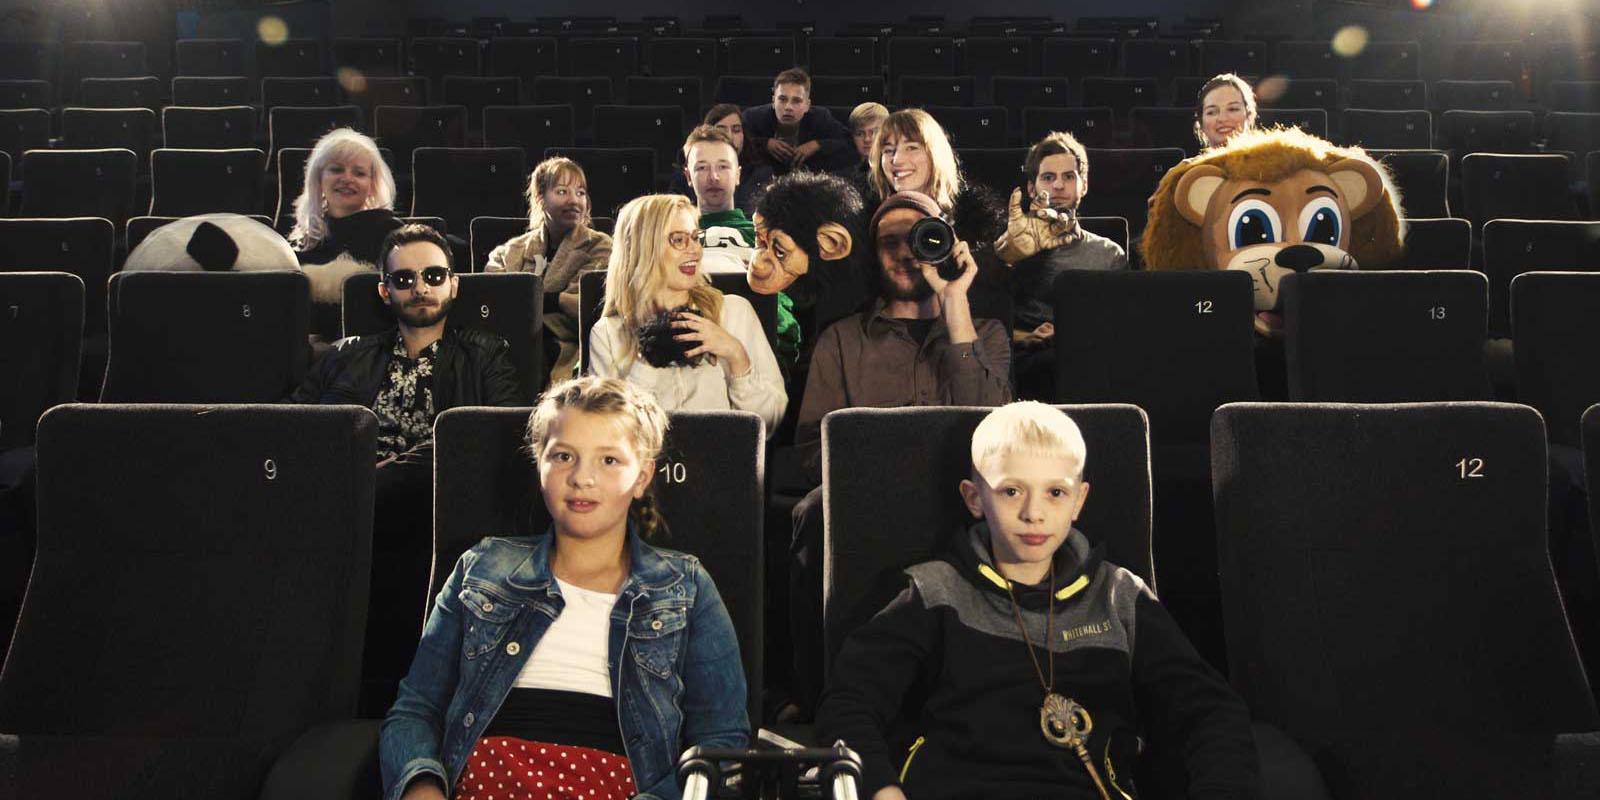 18_10_25-Gruppenfoto-Koschmiederfilm-Kino-Werbung-Sachsen-gruppenfoto-videoteam-filmteam-chemnitz-sachsen_Andre Koschmieder-WEB